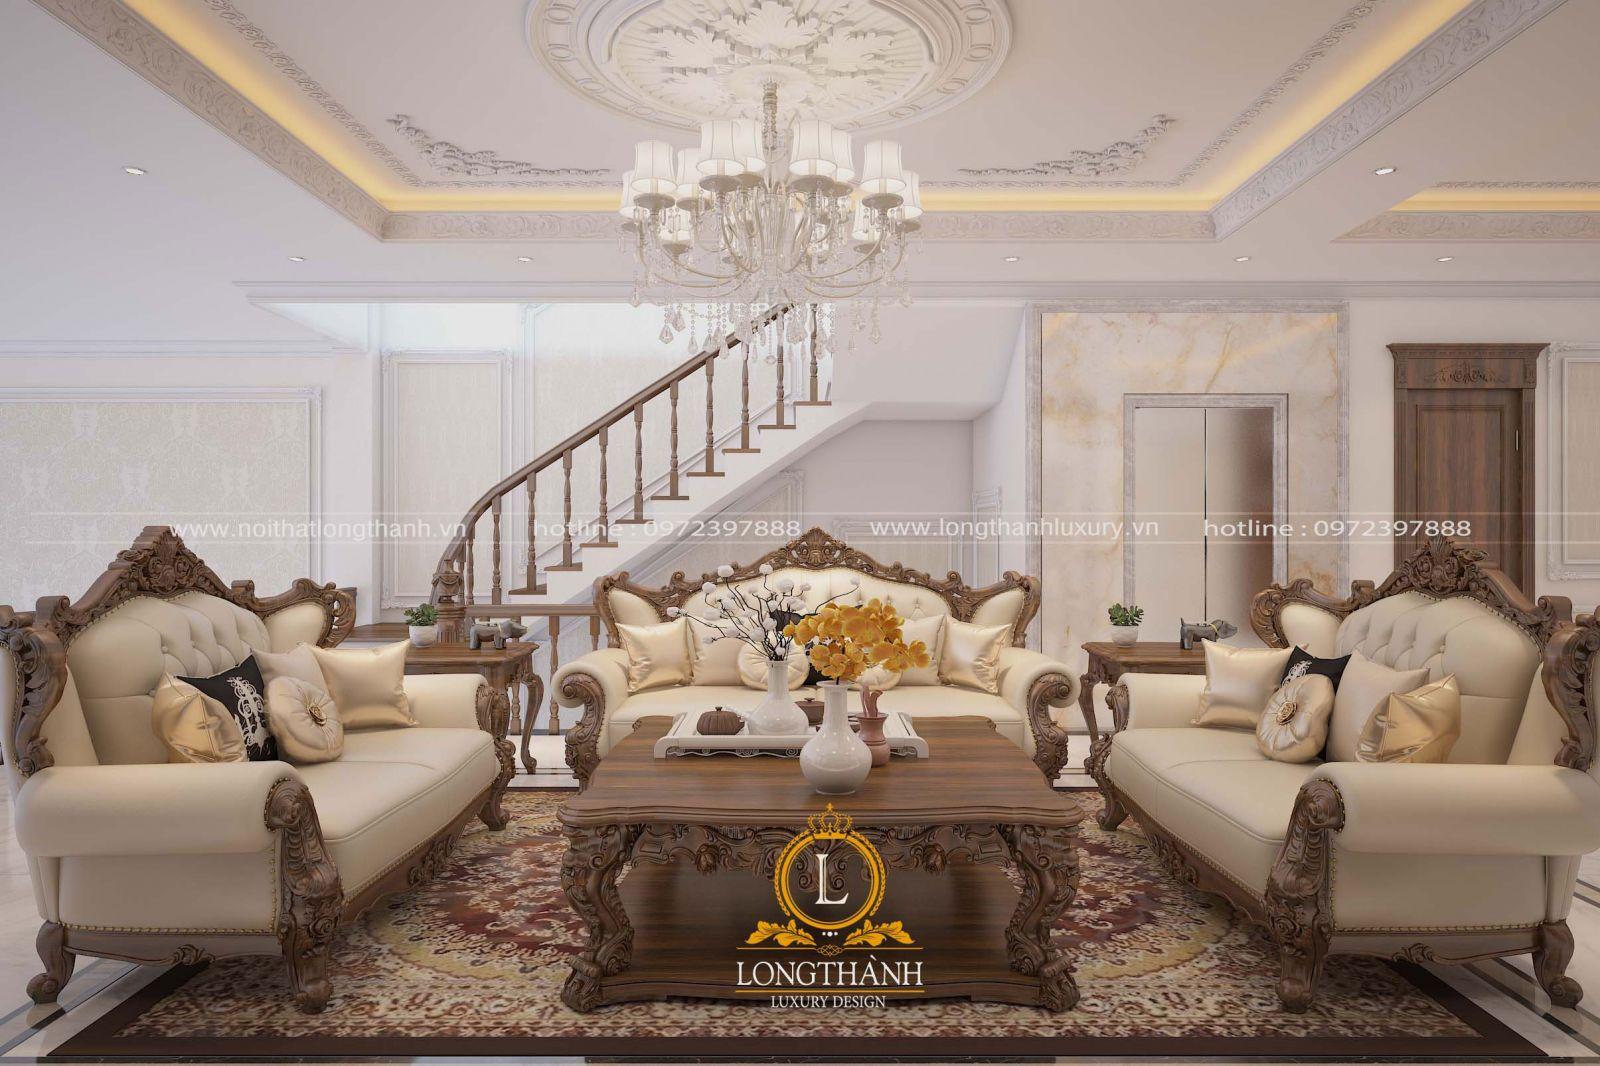 Mẫu nội thất phòng khách  liền cầu thang được nhiều khách hàng lựa chọn